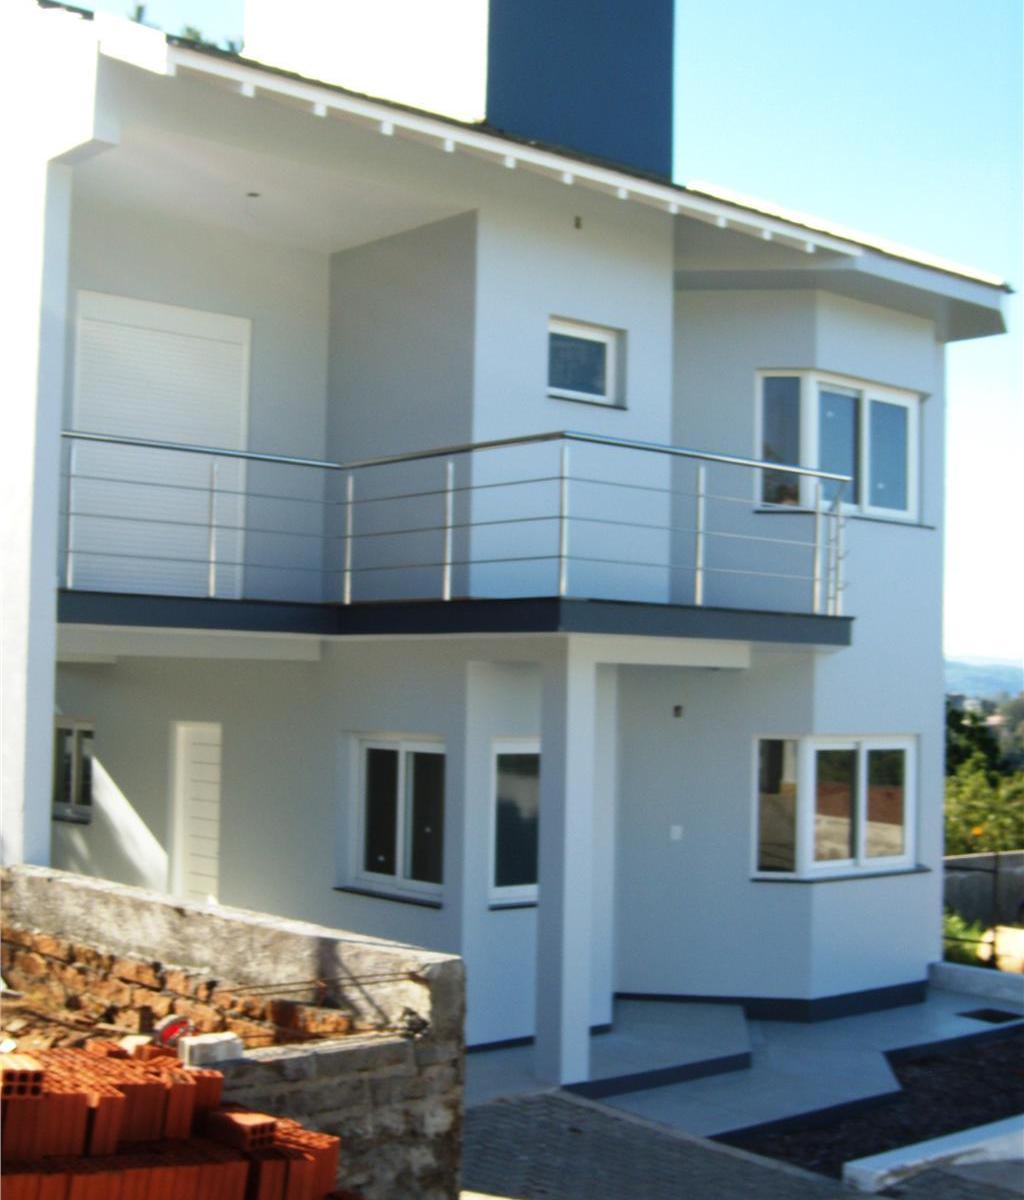 Imagens de #6B2D1B Casa à venda com 3 Quartos Rondônia Novo Hamburgo R$ 449.000  1024x1200 px 2764 Box Banheiro Novo Hamburgo Rs